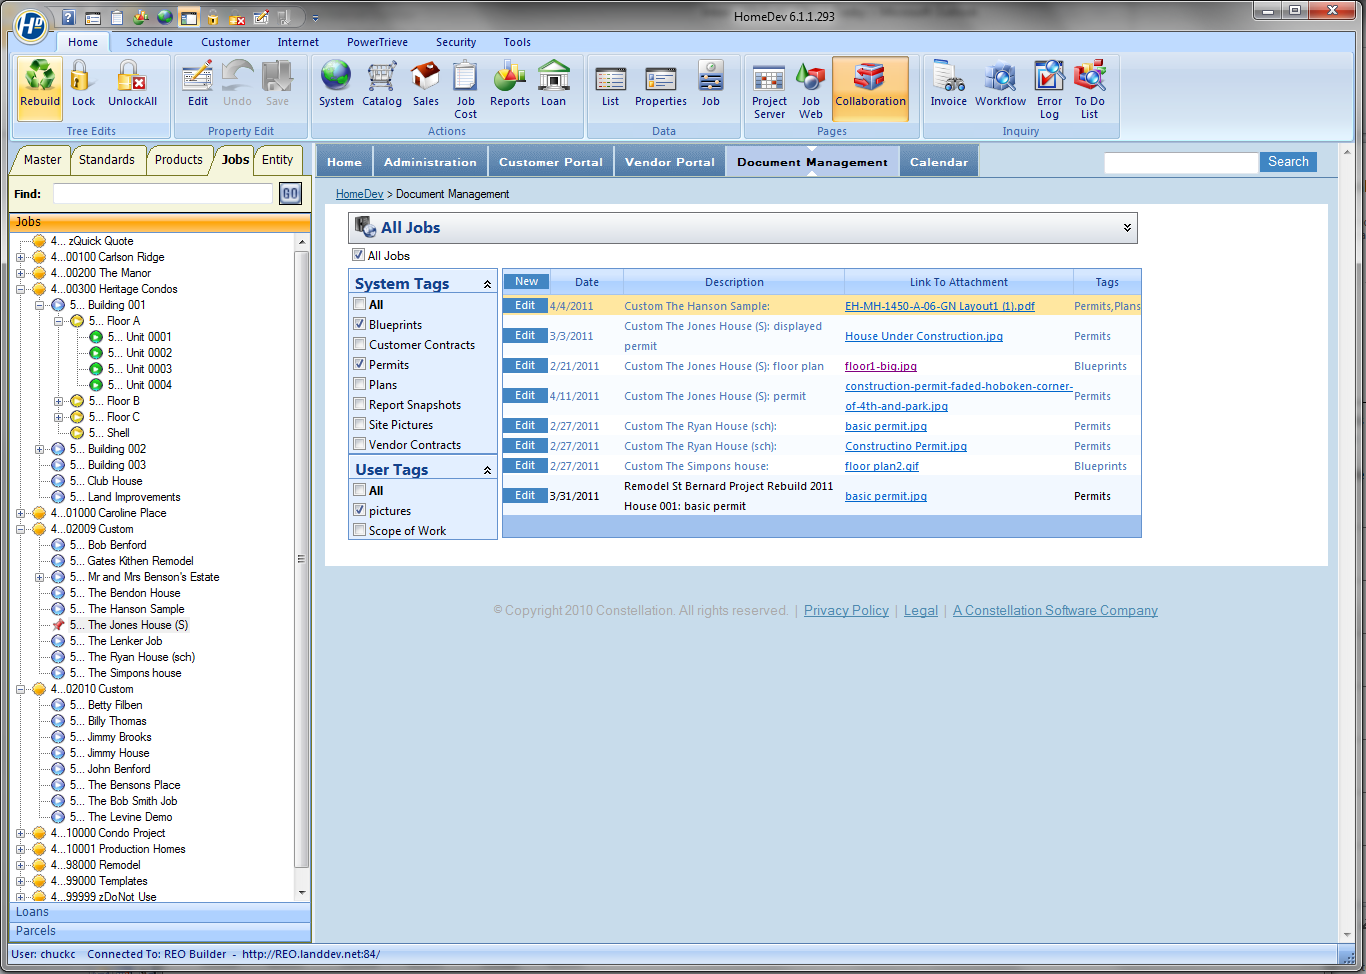 HomeDev Pro document management